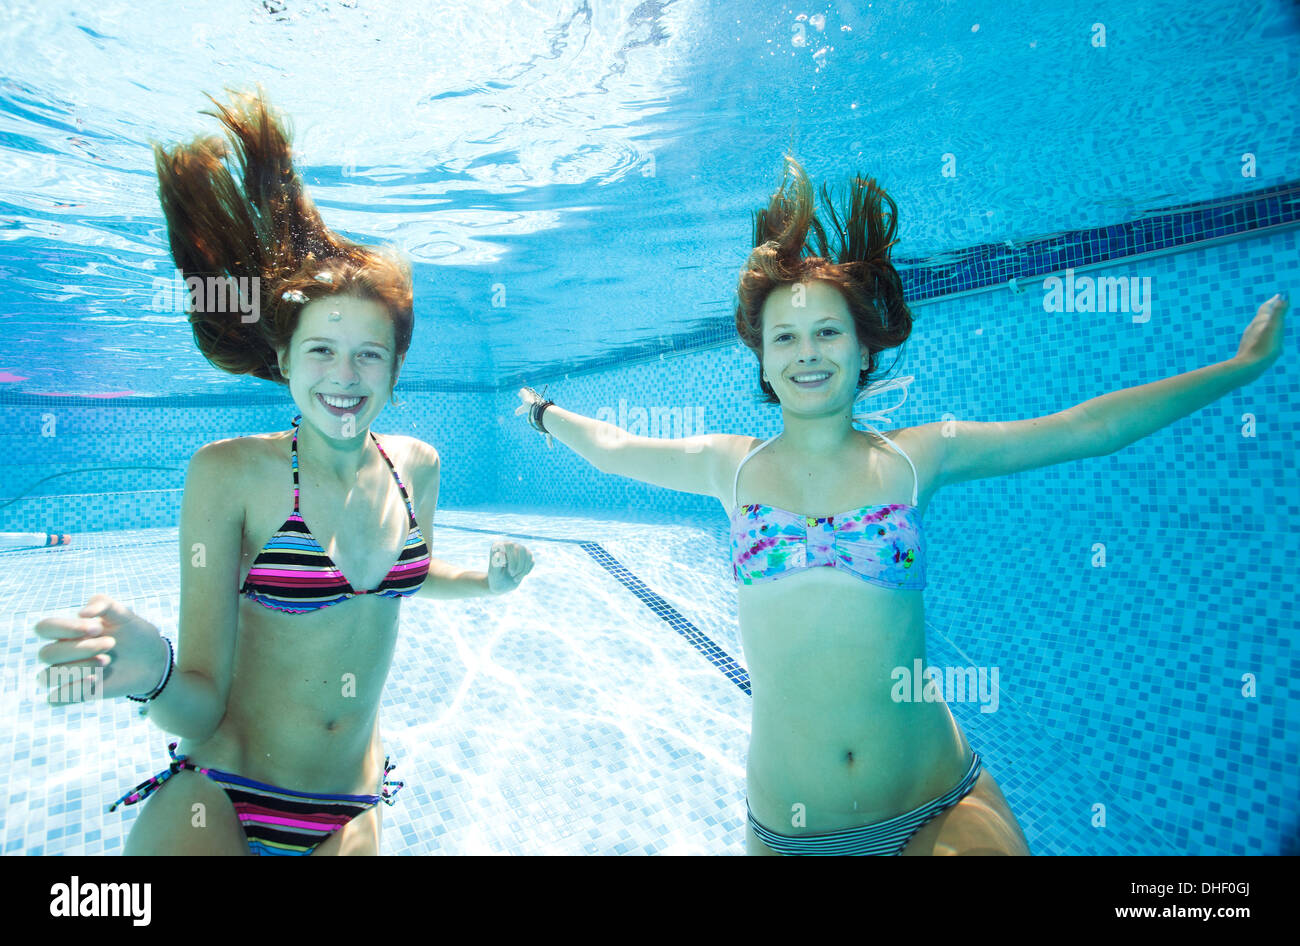 Zwei Mädchen im Teenageralter Schwimmen unter Wasser im Schwimmbad Stockbild